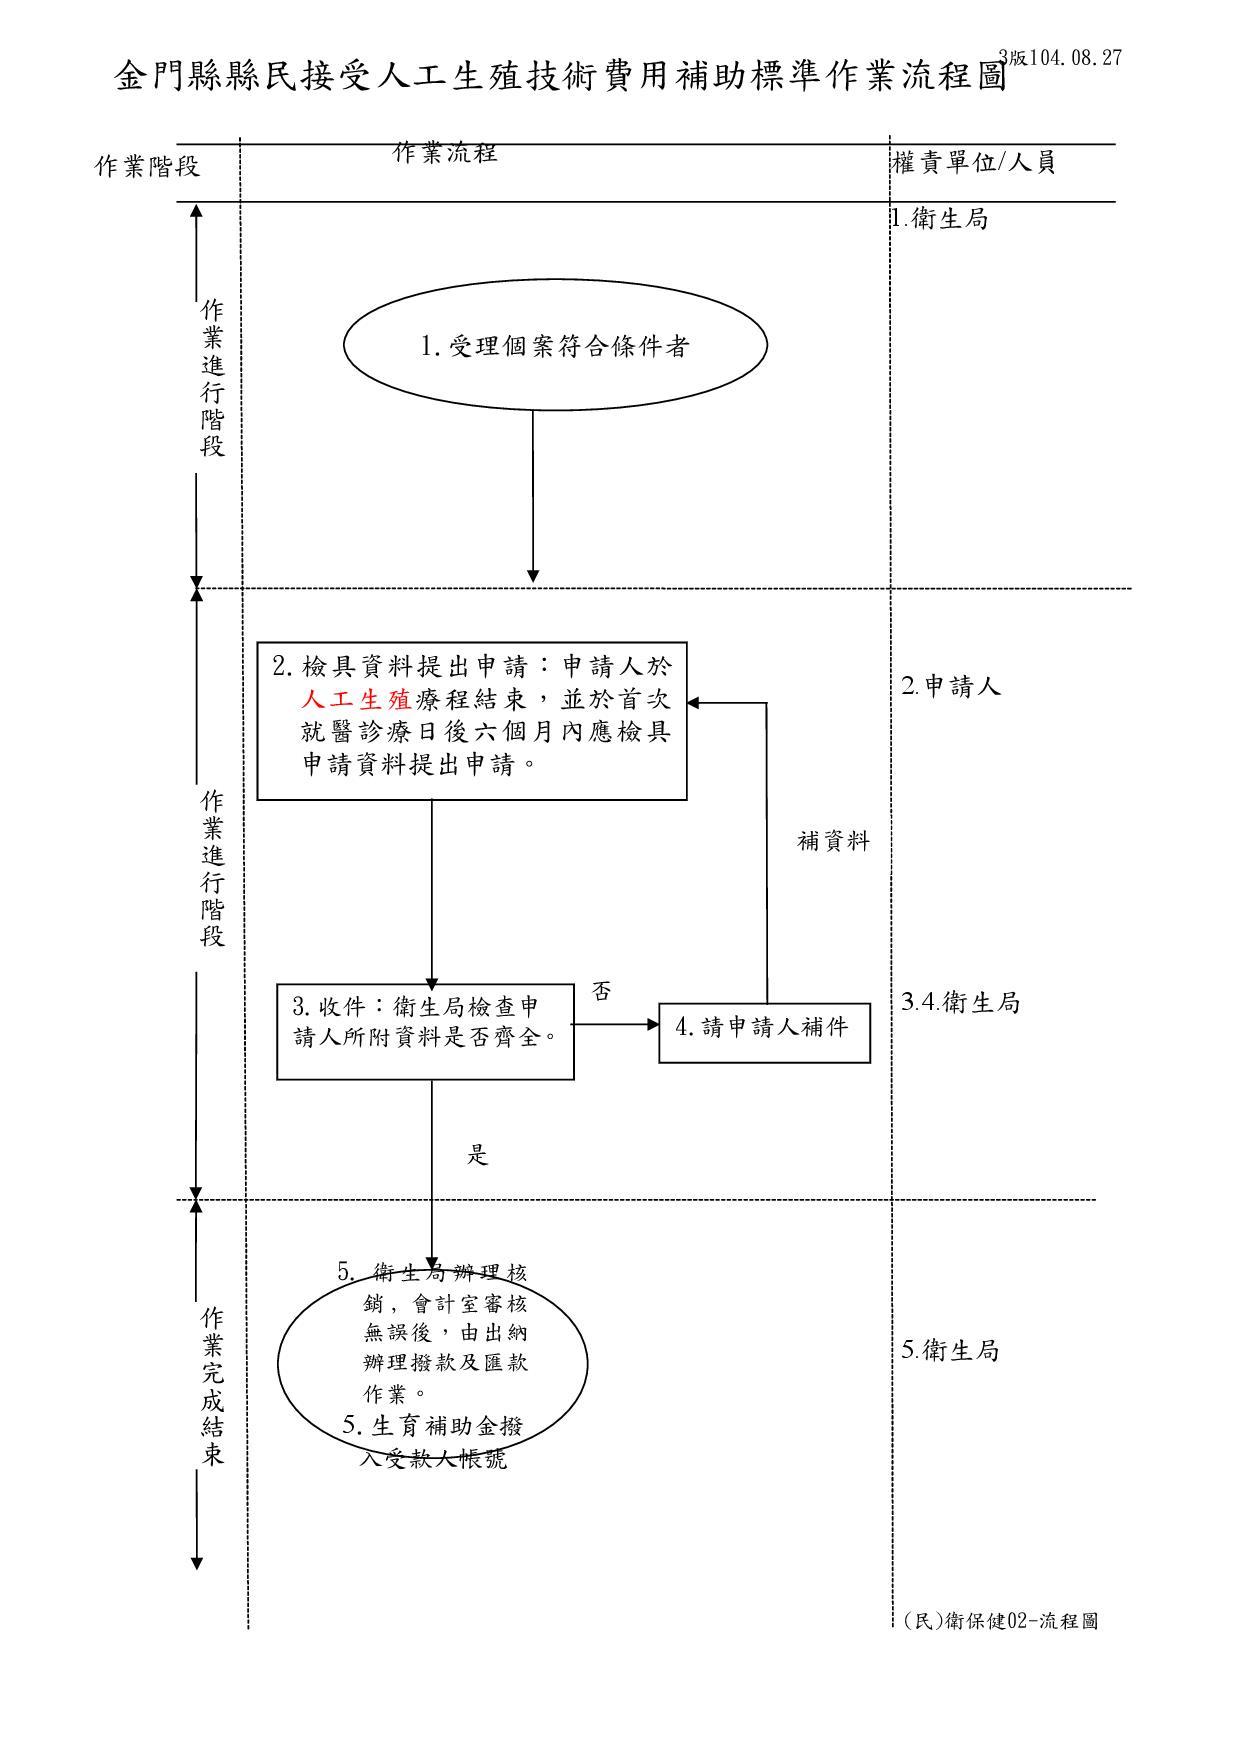 (民)衛保健02-流程圖